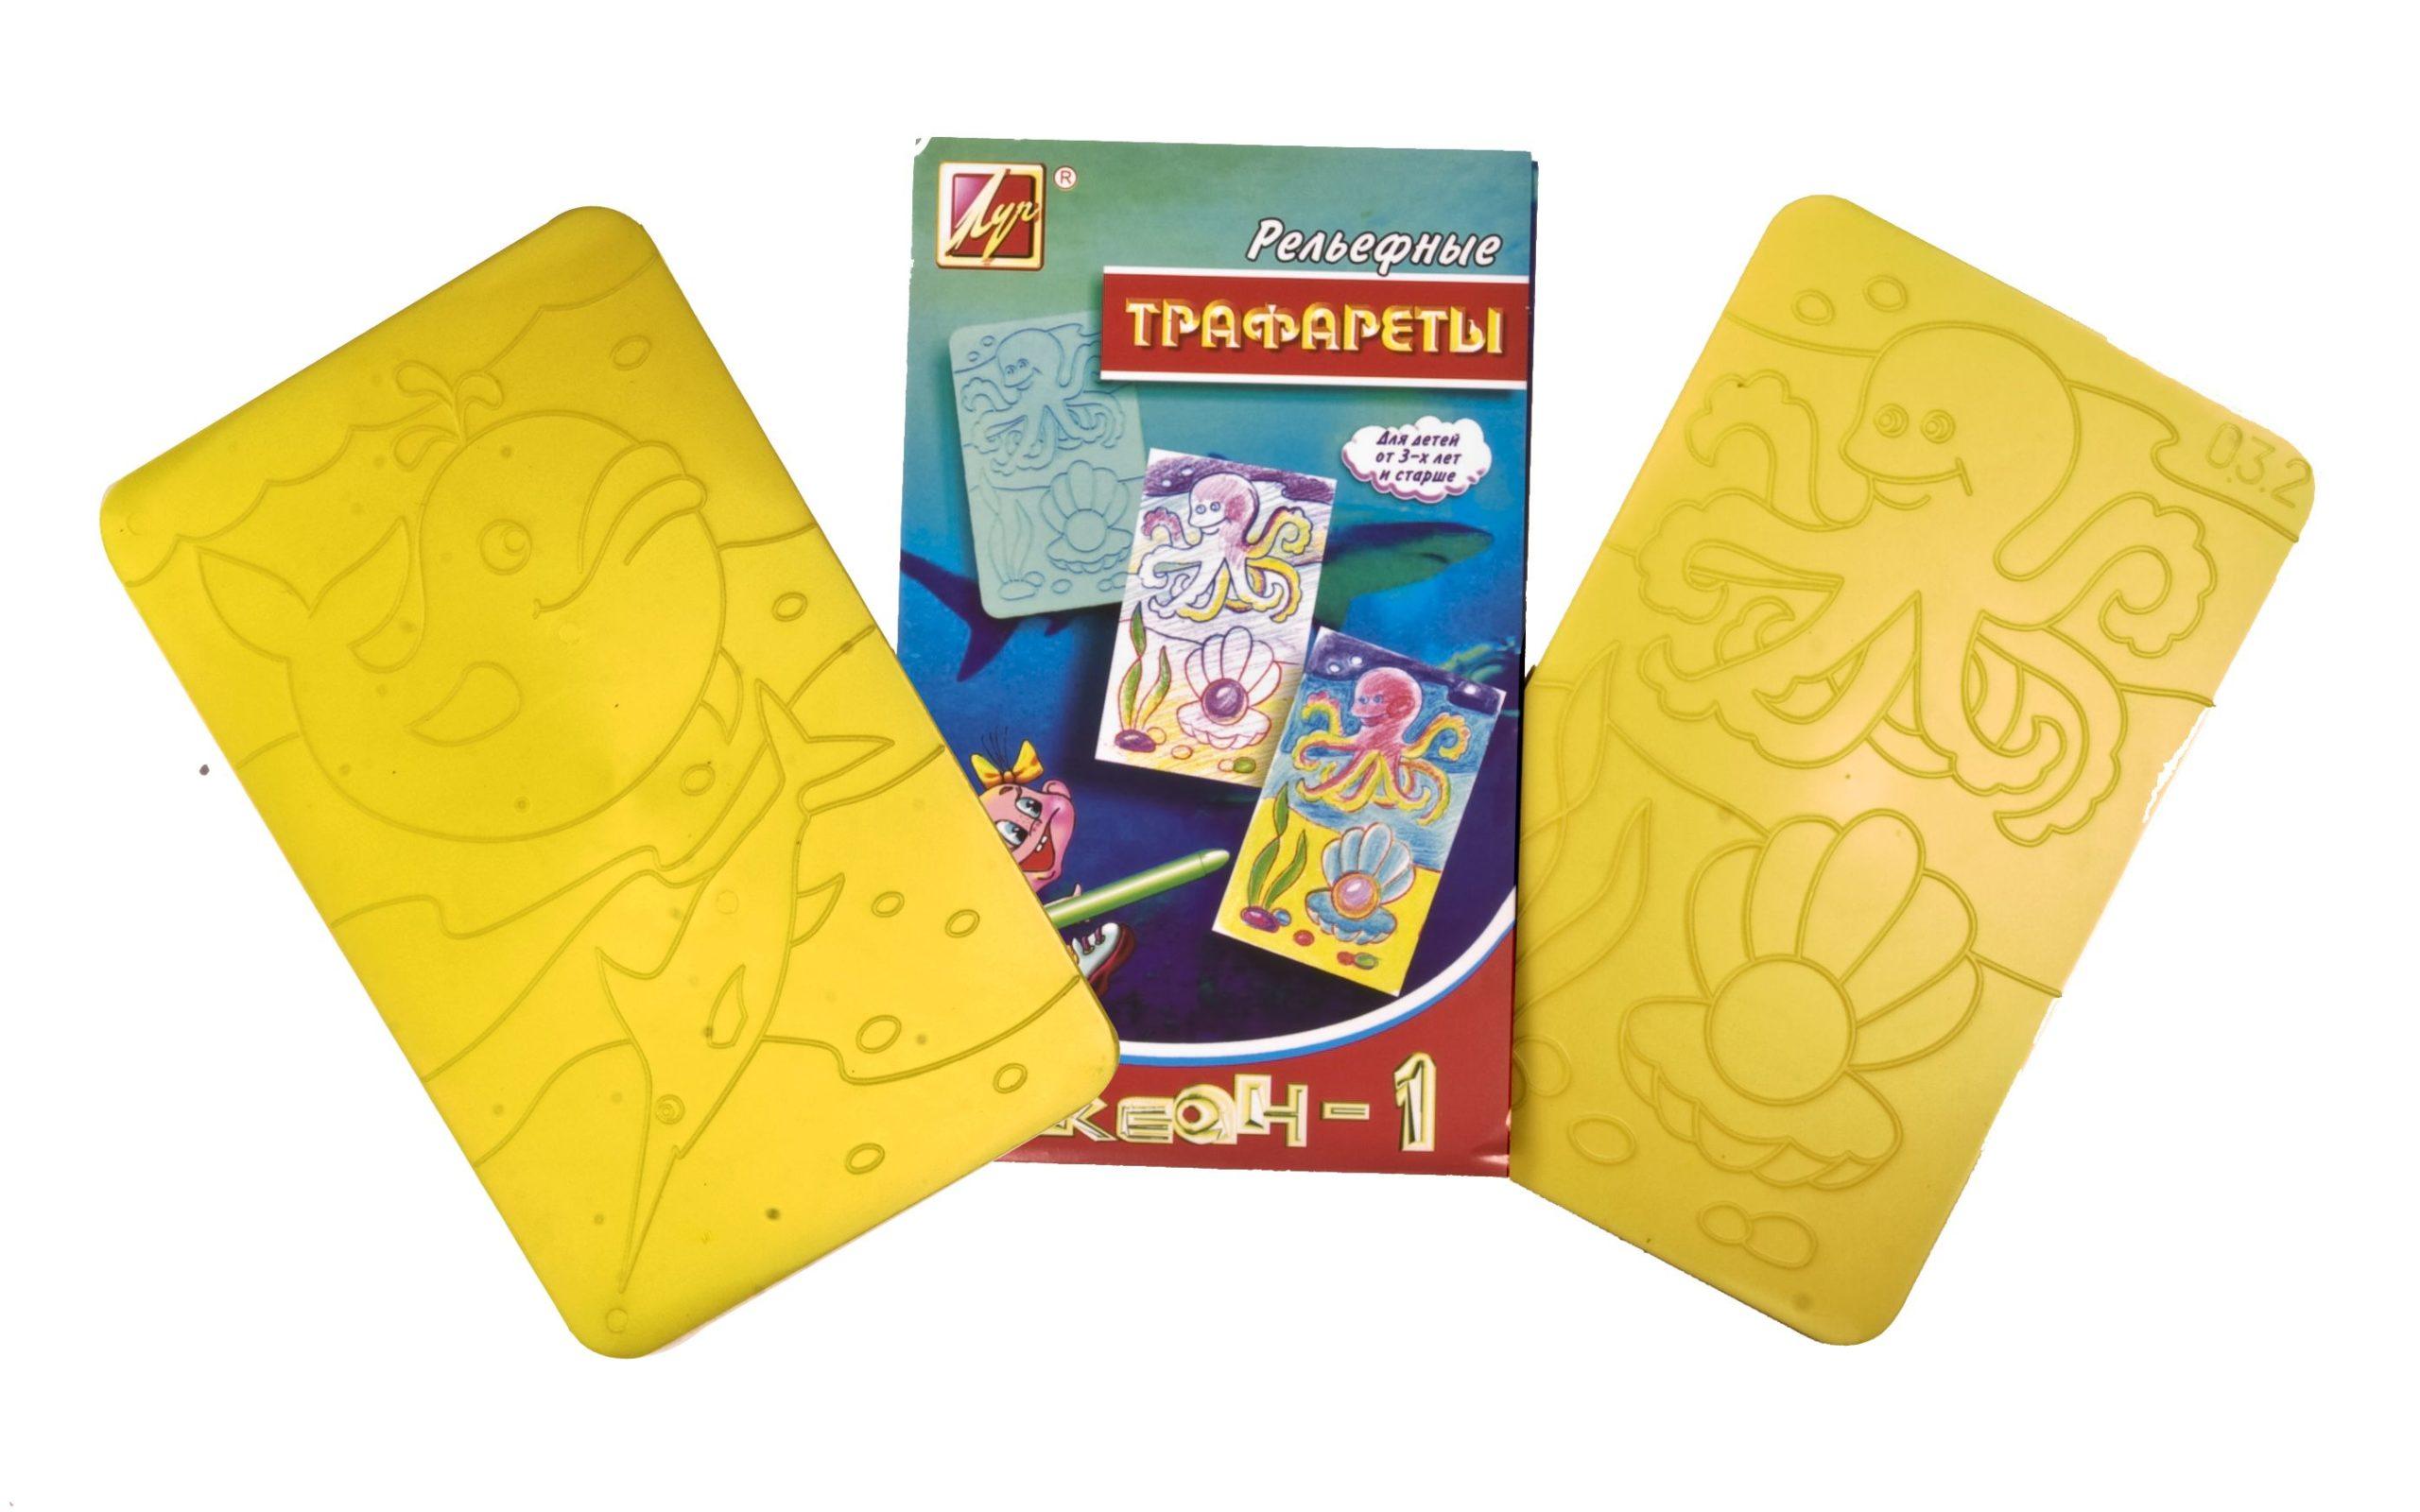 Трафарет ЛУЧ ОКЕАН 1 пластик рельефный